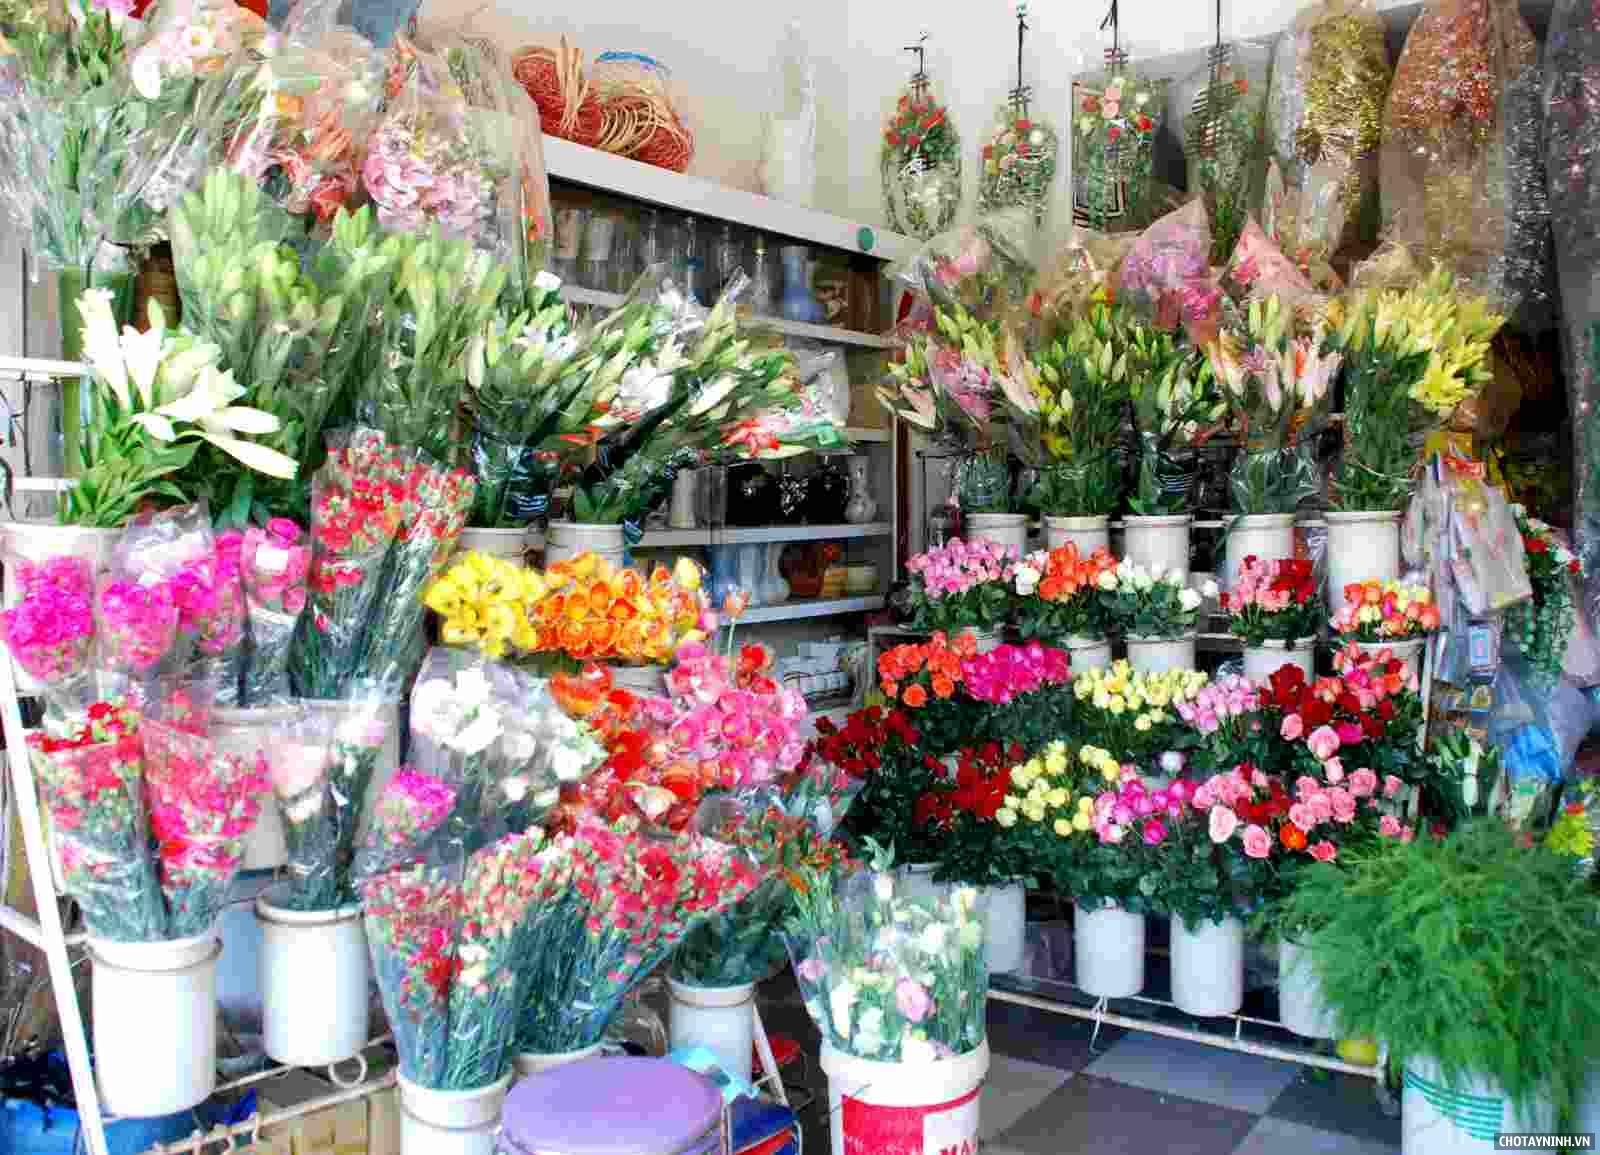 Mở shop hoa tươi phải luôn sáng tạo đổi mới trong cách cắm hoa